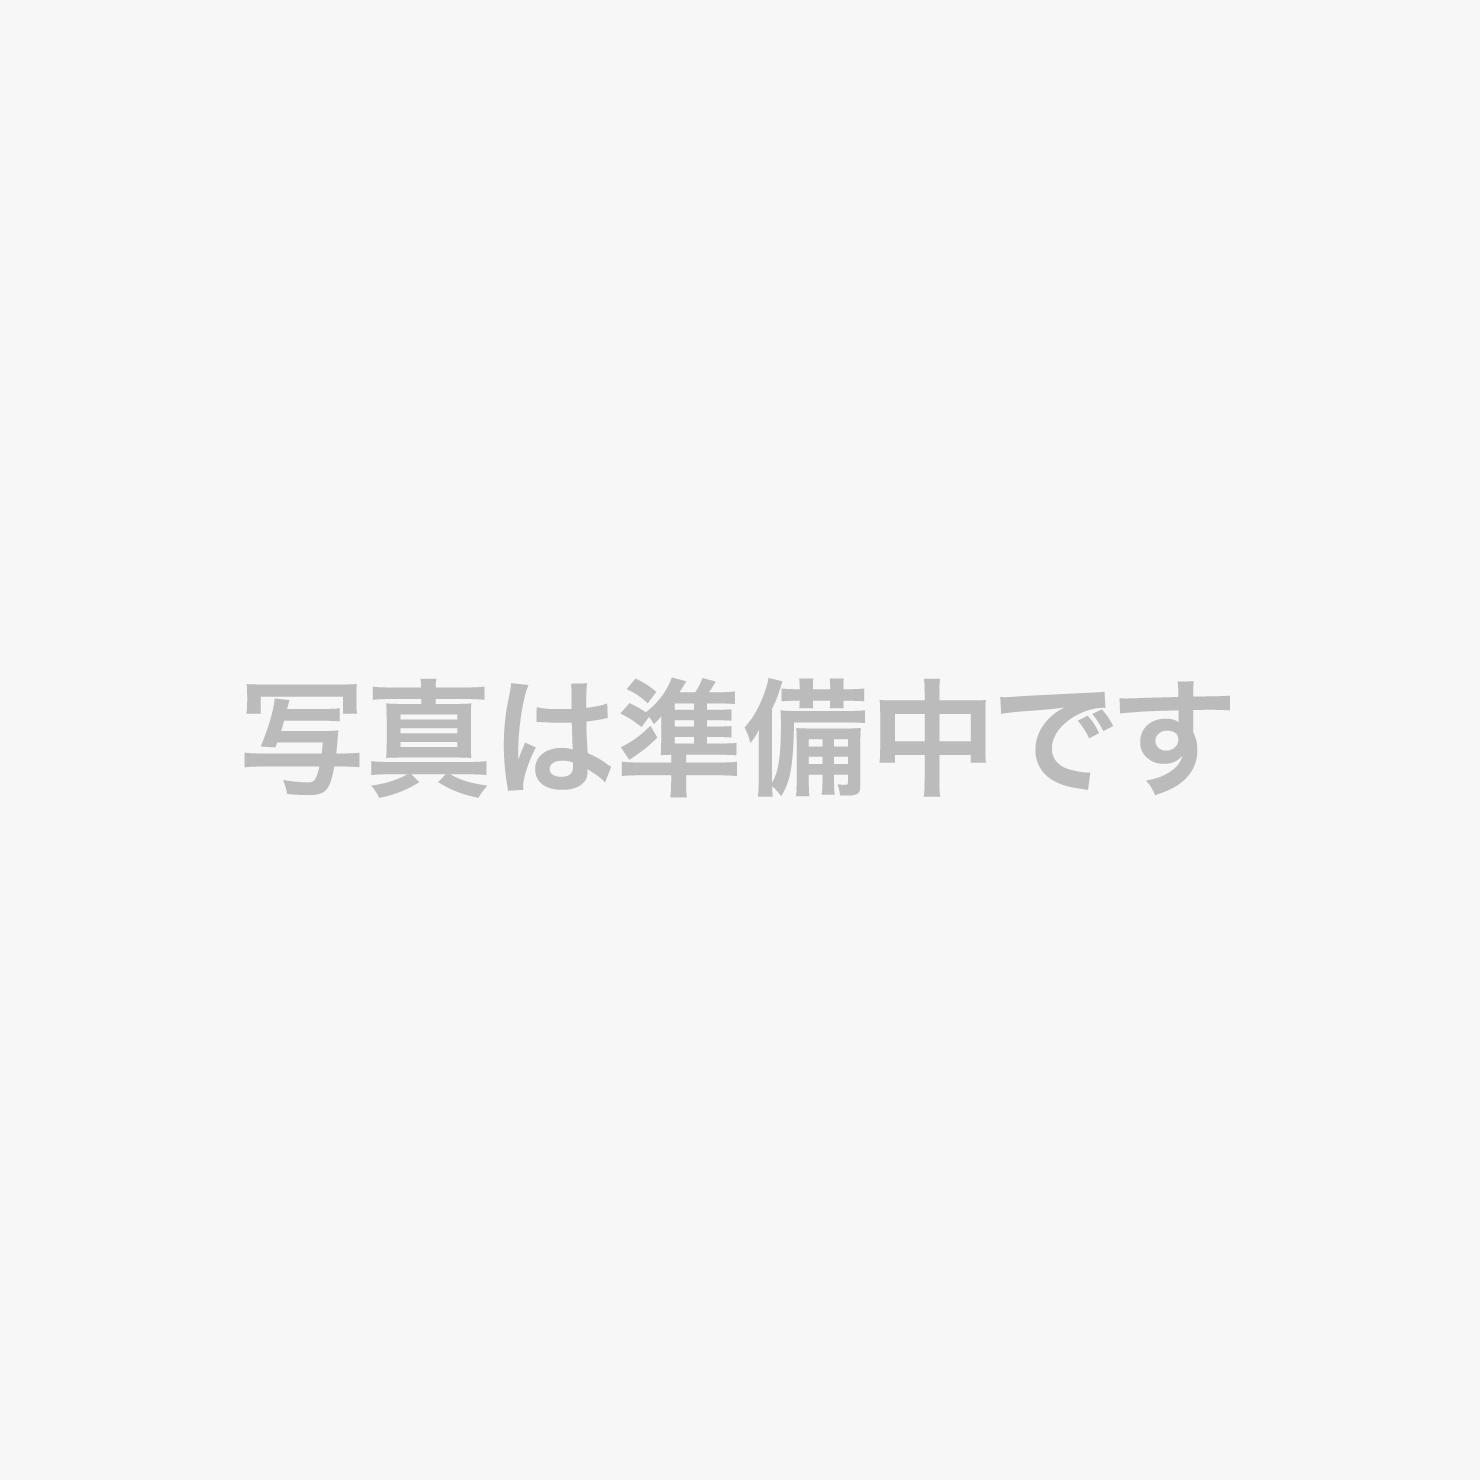 10月~!飛騨牛すき焼き・朴葉包み焼き・お造り五種盛りが一人前づつ!+和洋中約25種食べ放題&飲み放題!